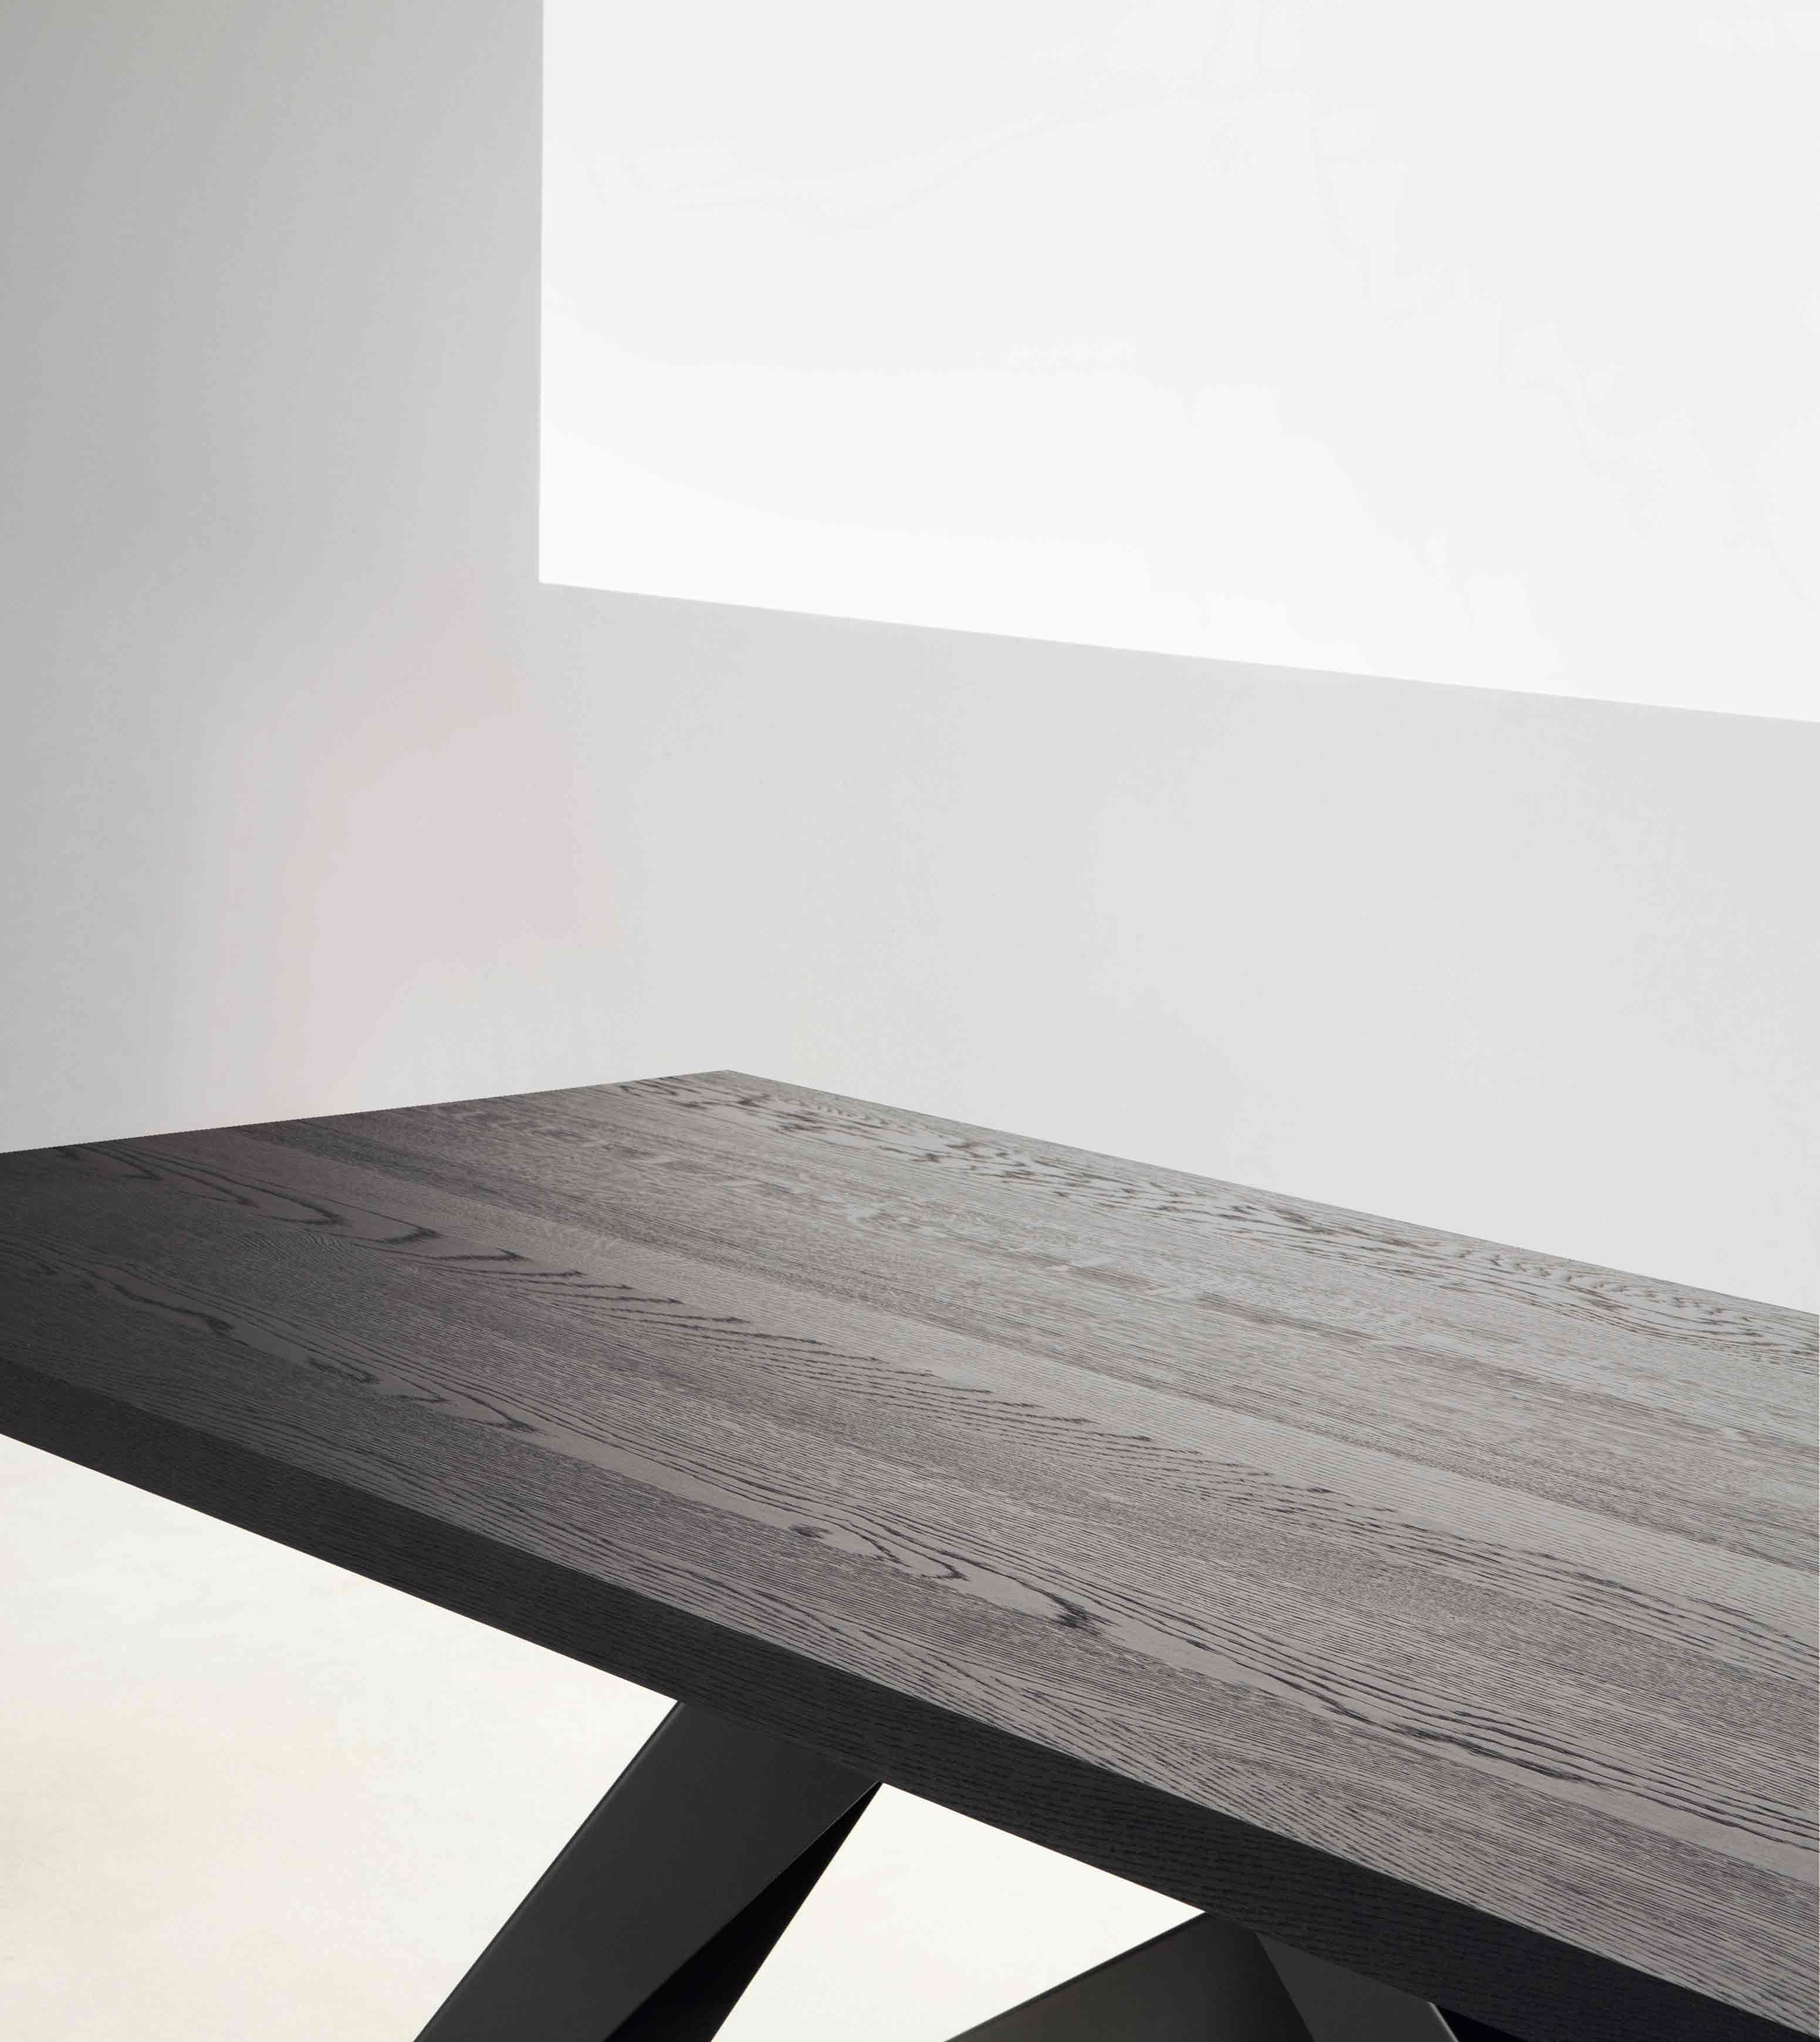 tavolo bonaldo big table prezzo - 28 images - tavolo bonaldo big ...